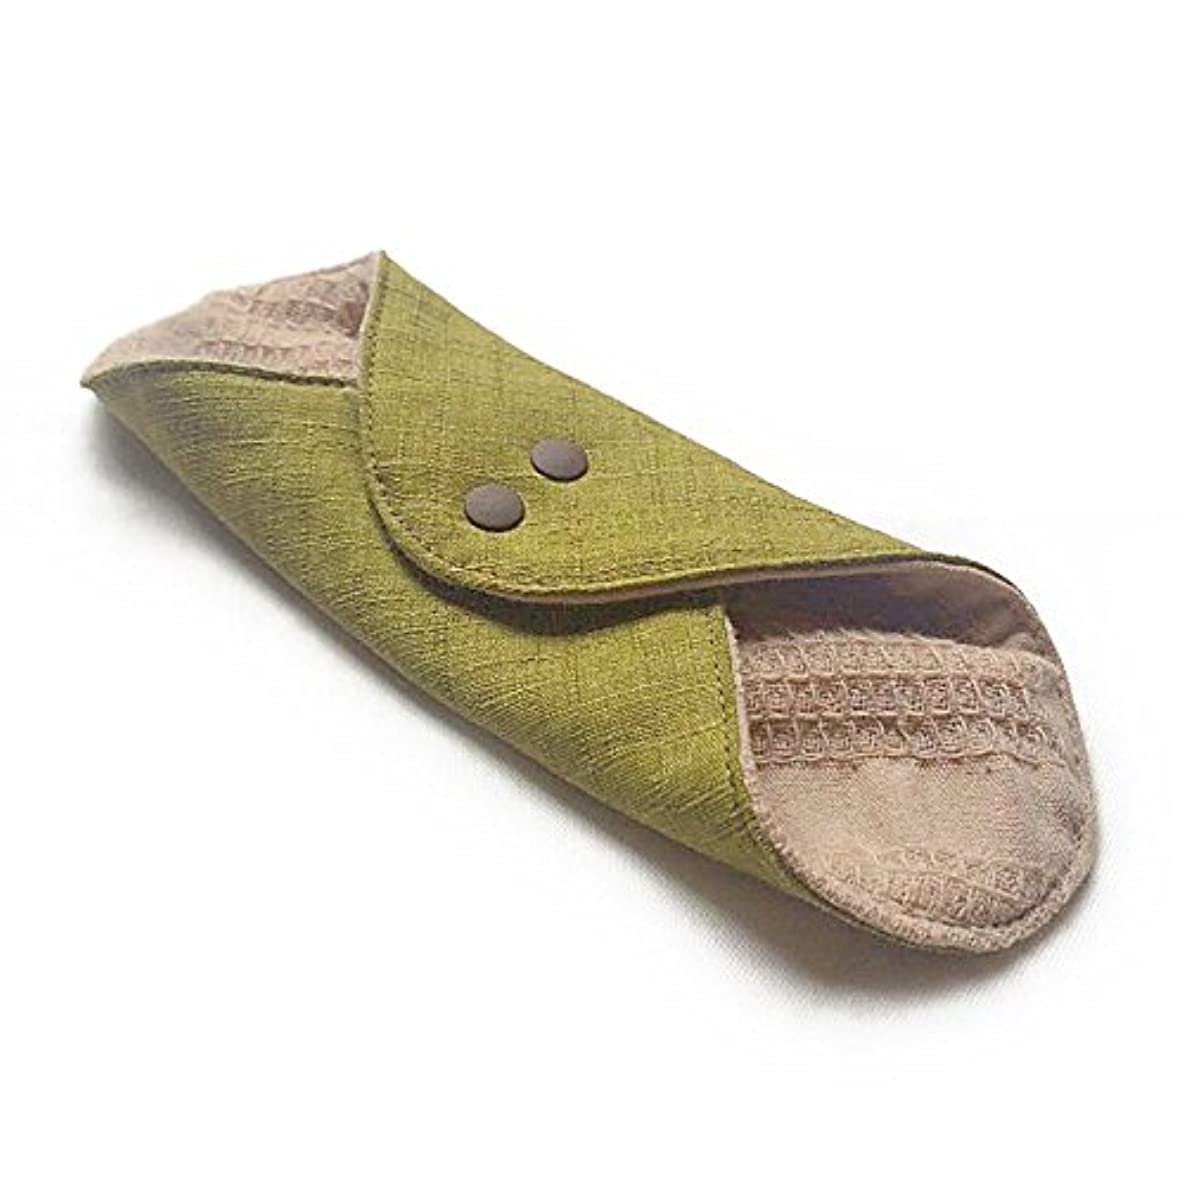 輝く資本レパートリー華布のオーガニックコットンのあたため布 Mサイズ(約15×約15cm) 彩り(抹茶)